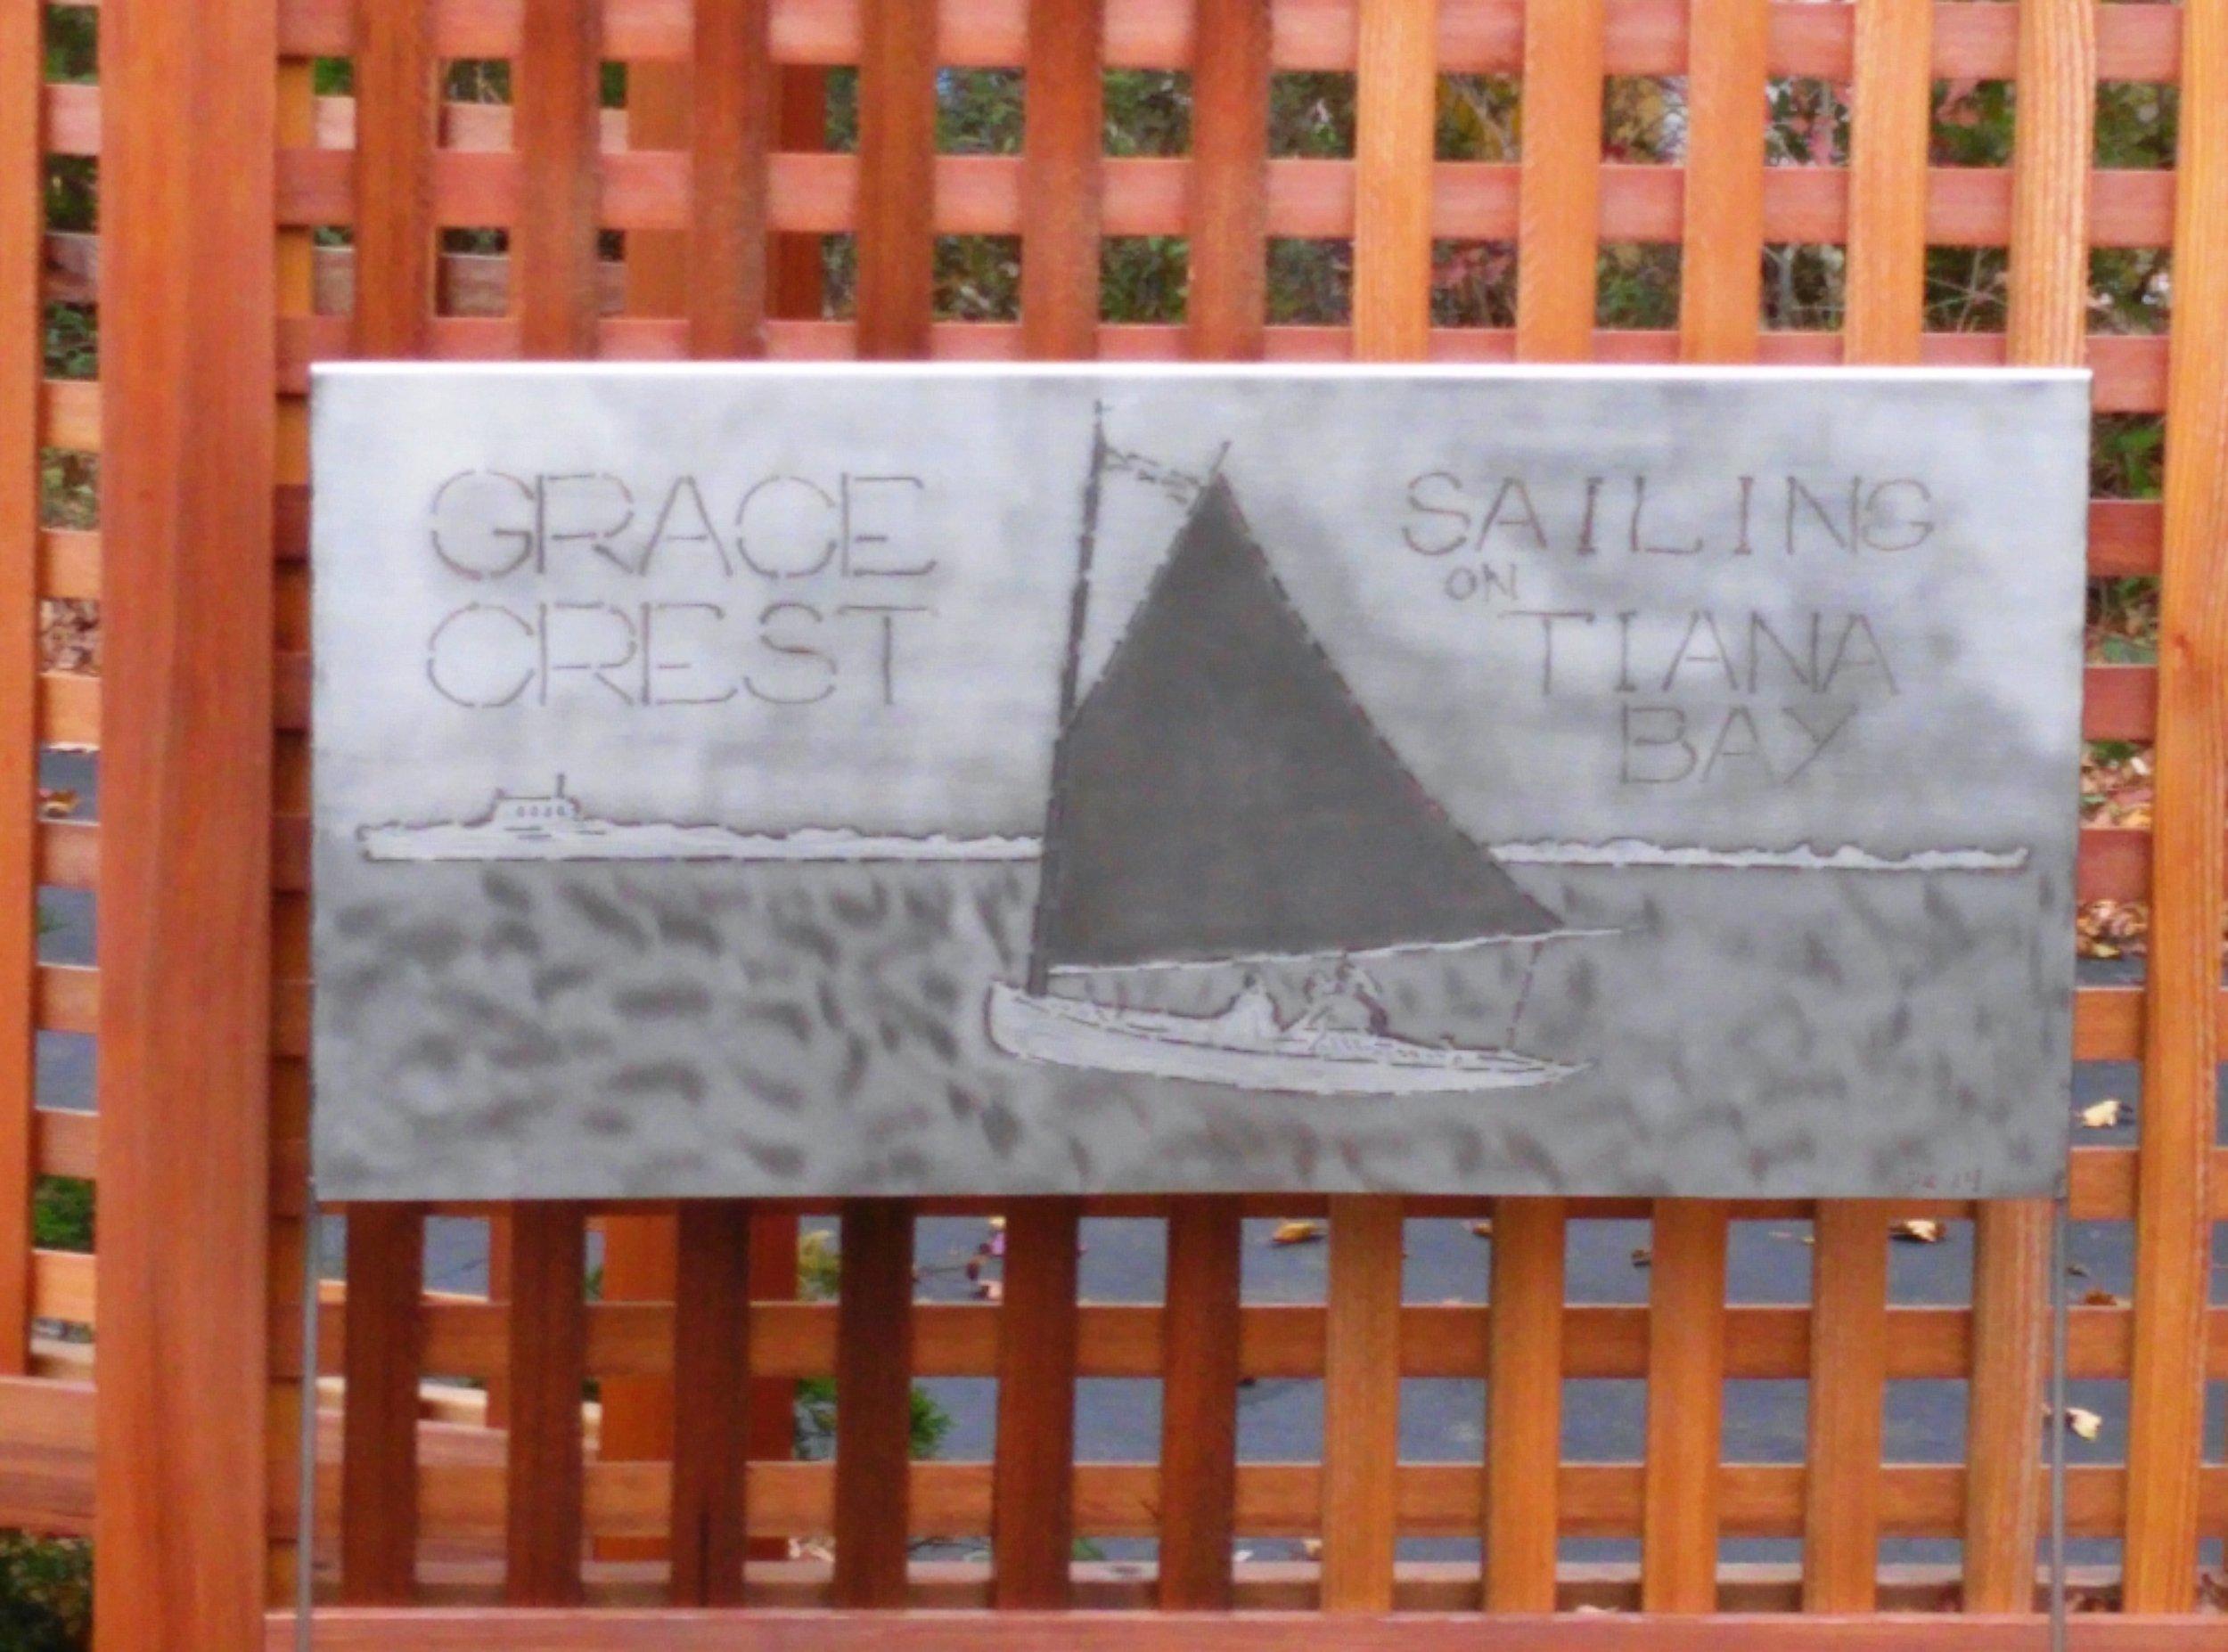 Grace Crest Panel